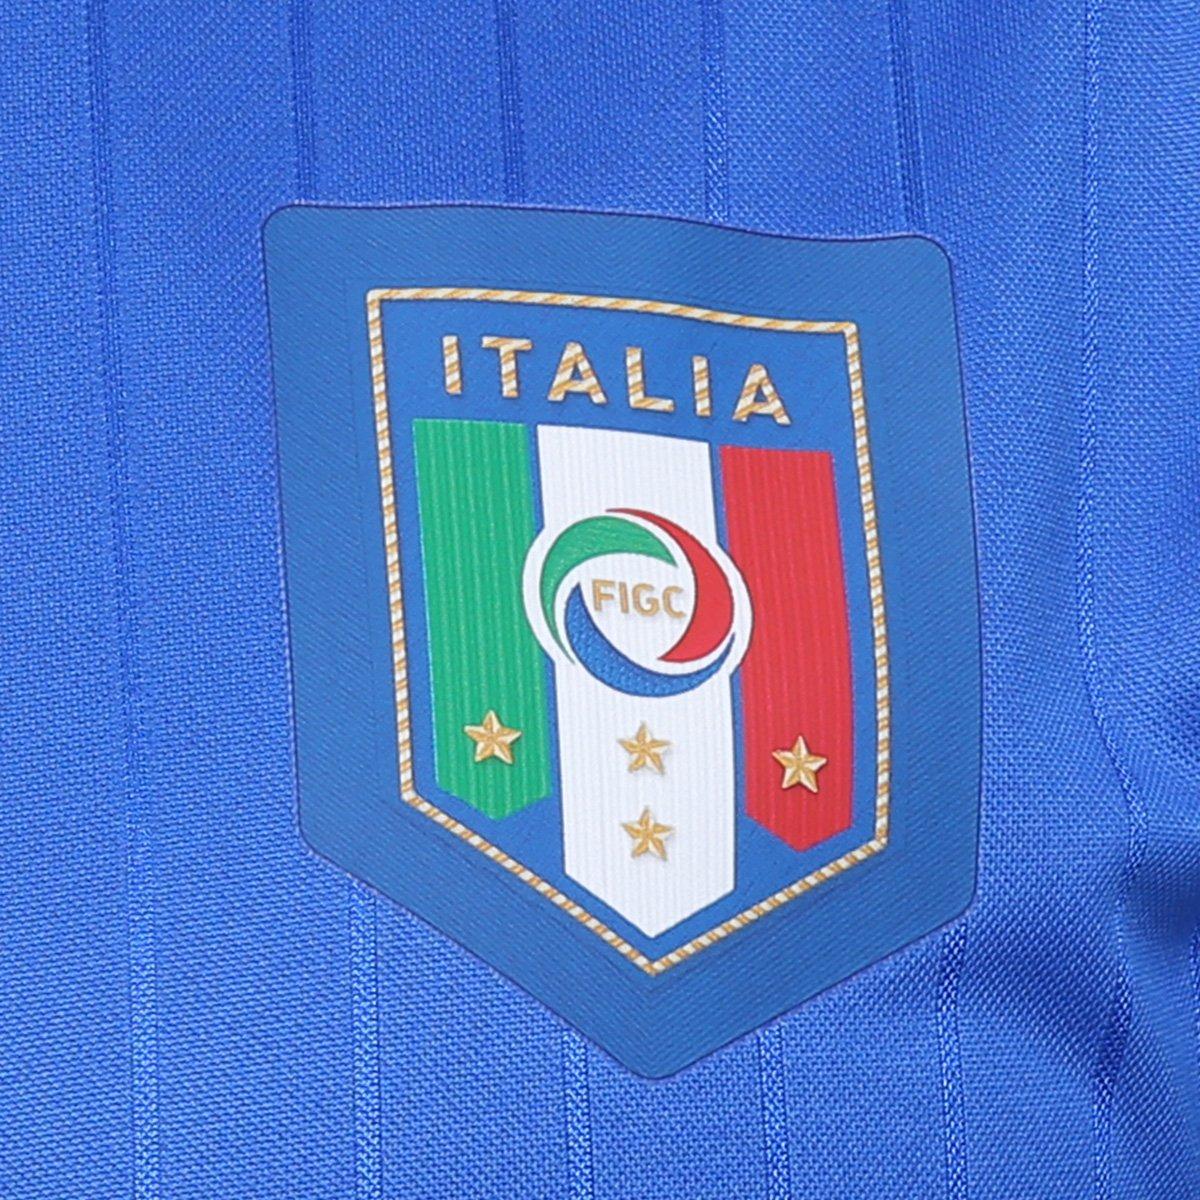 ... Camisa Seleção Itália Home s nº 2016 Torcedor Puma Masculina ... 713fcf514e22d